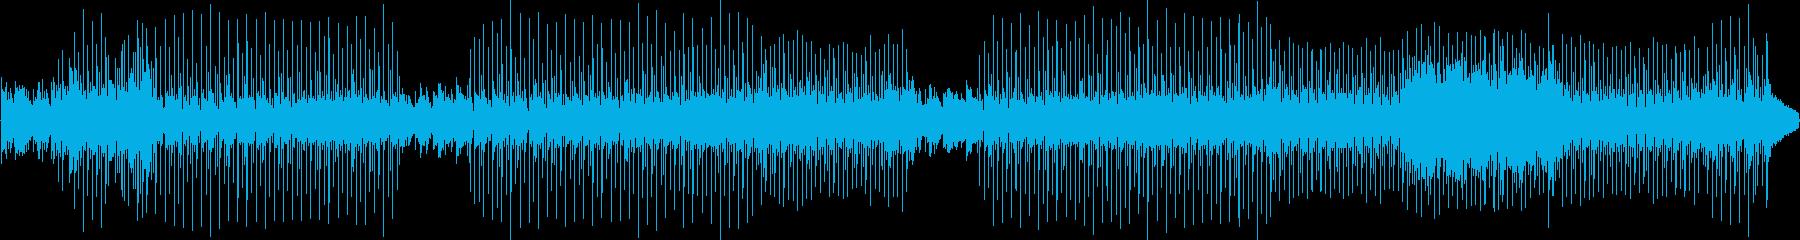 中。ポップな音。メロディック。ソフ...の再生済みの波形